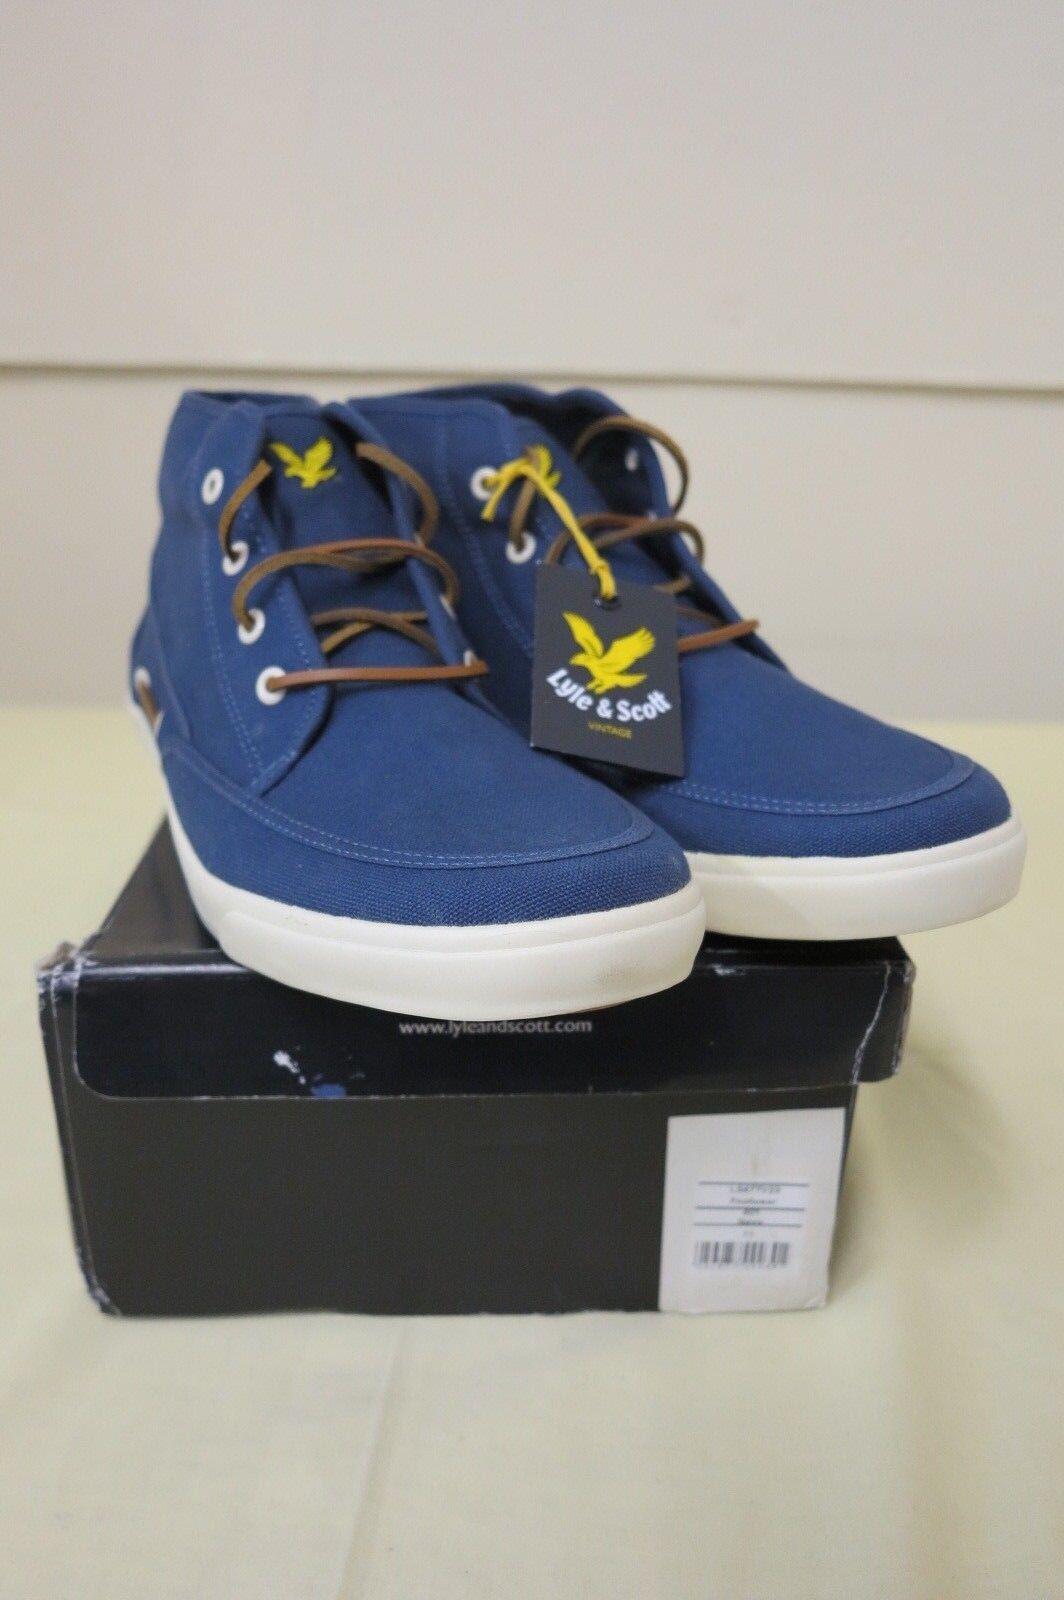 LYLE & SCOTT vintage chaussures pour homme Bleu marine 11UK NEUF